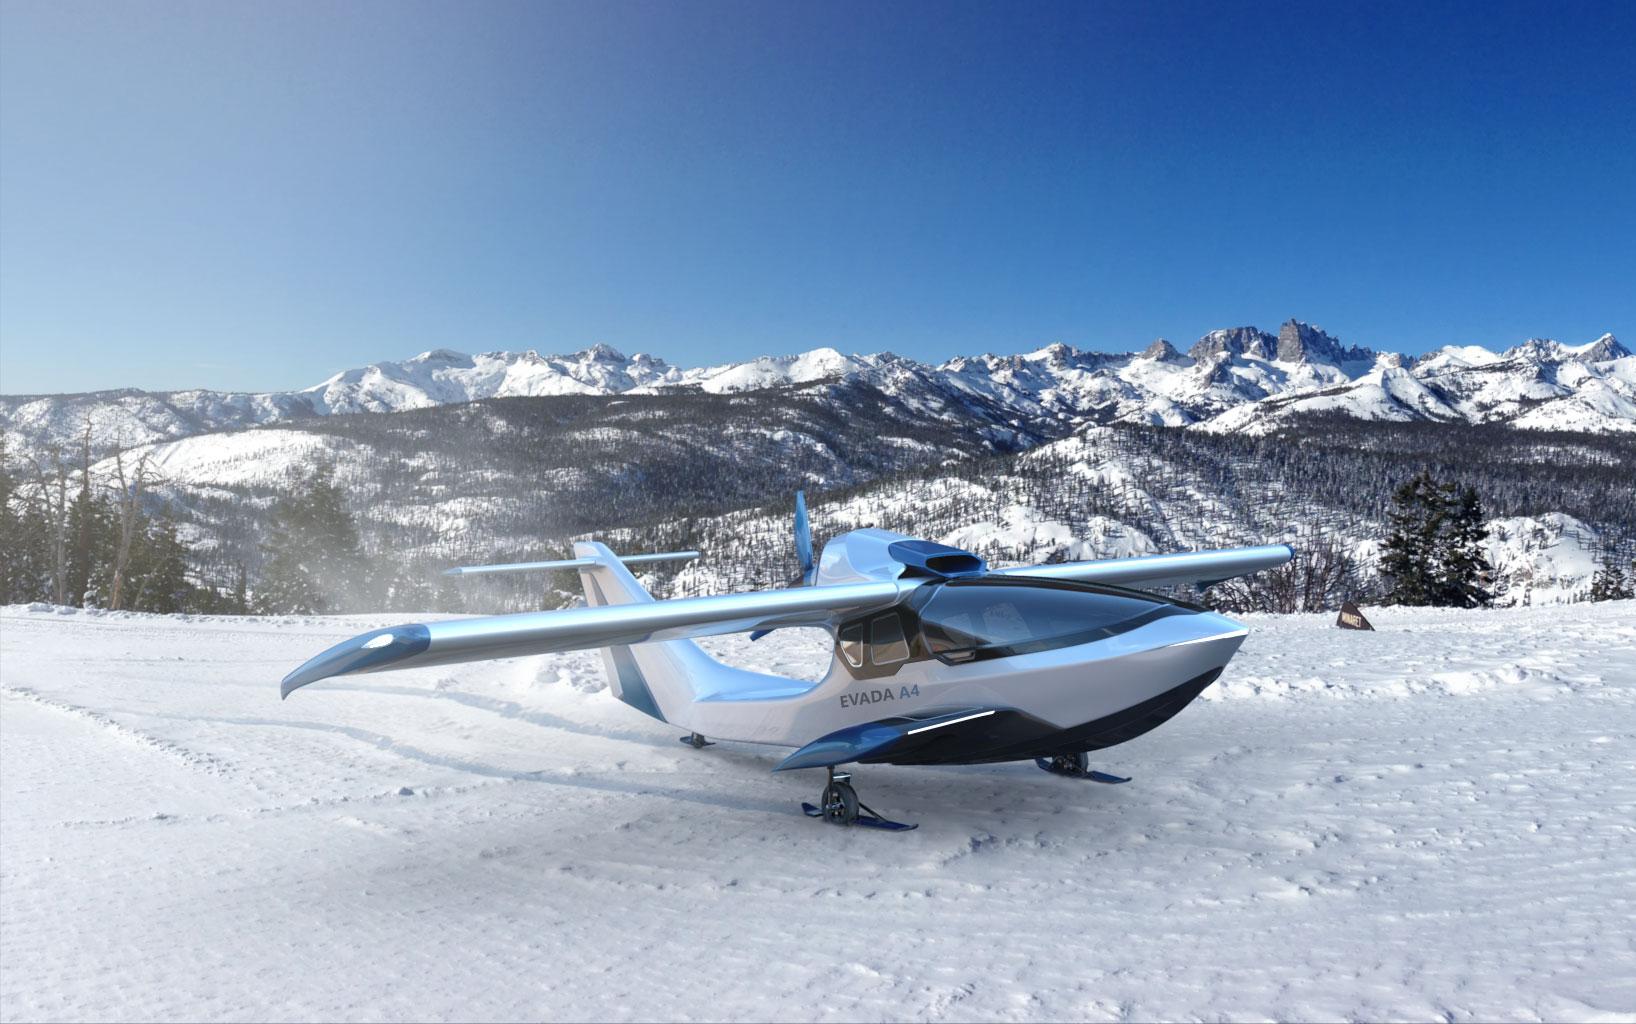 Evada A4 skis